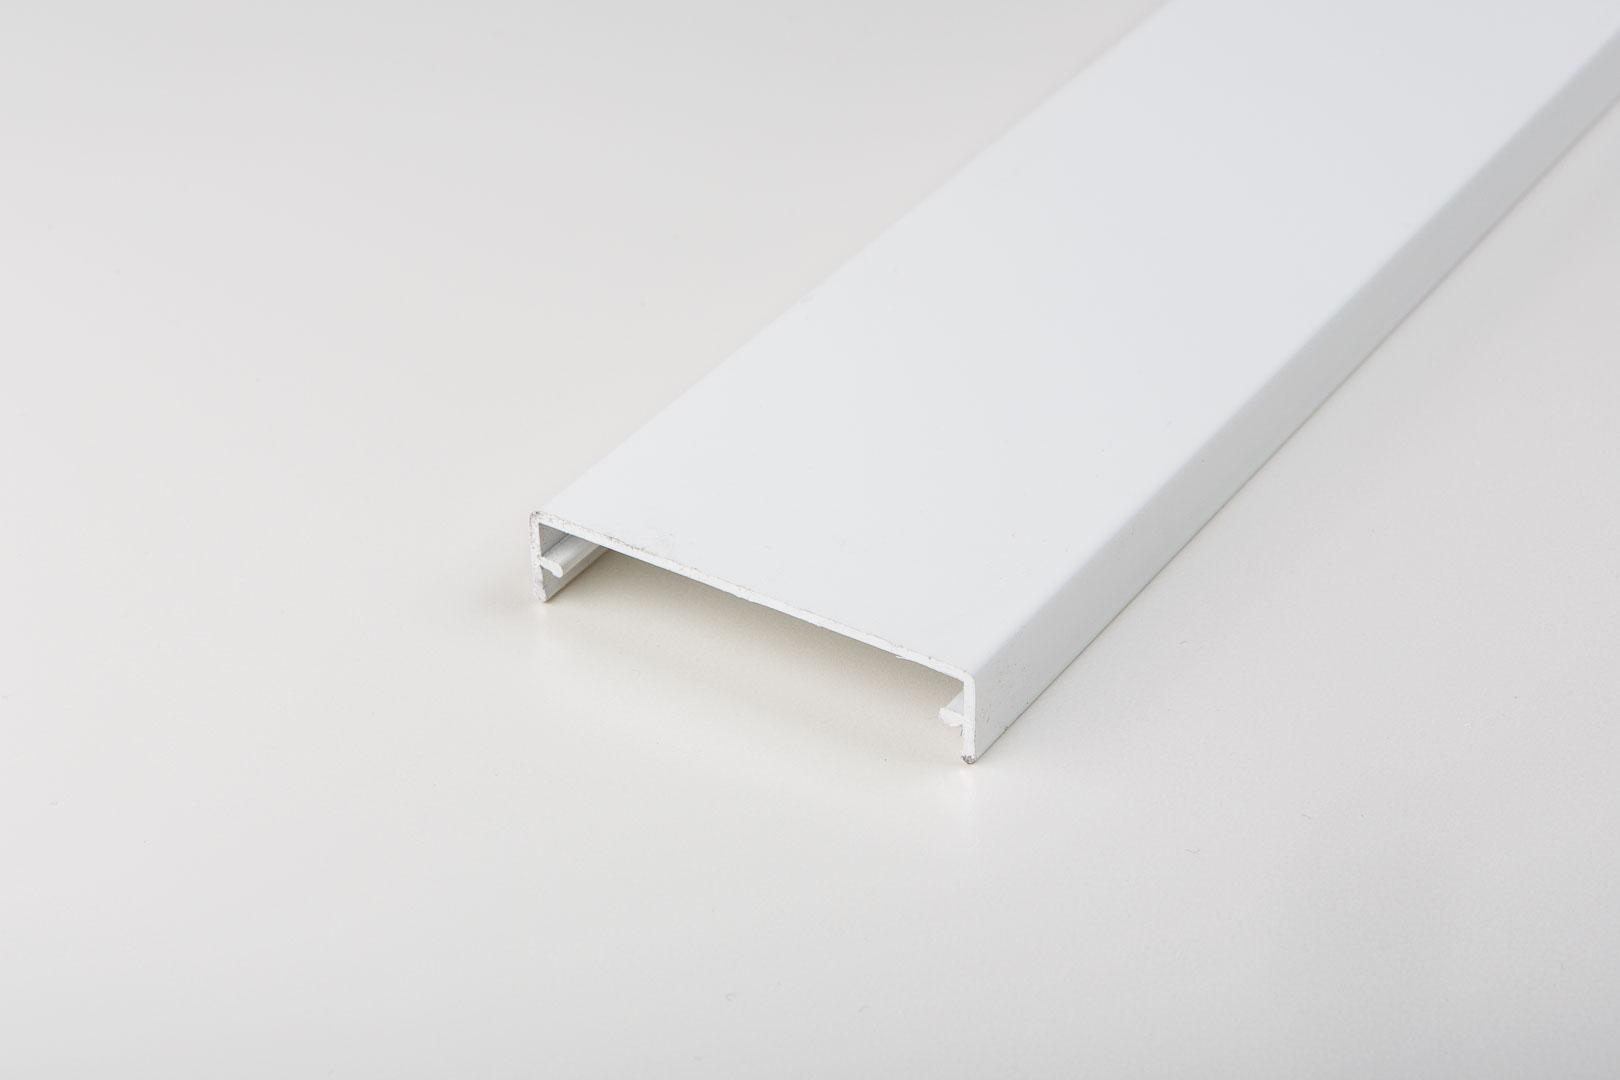 aluminium klemmdeckel wei bei steg preiswert online kaufen. Black Bedroom Furniture Sets. Home Design Ideas